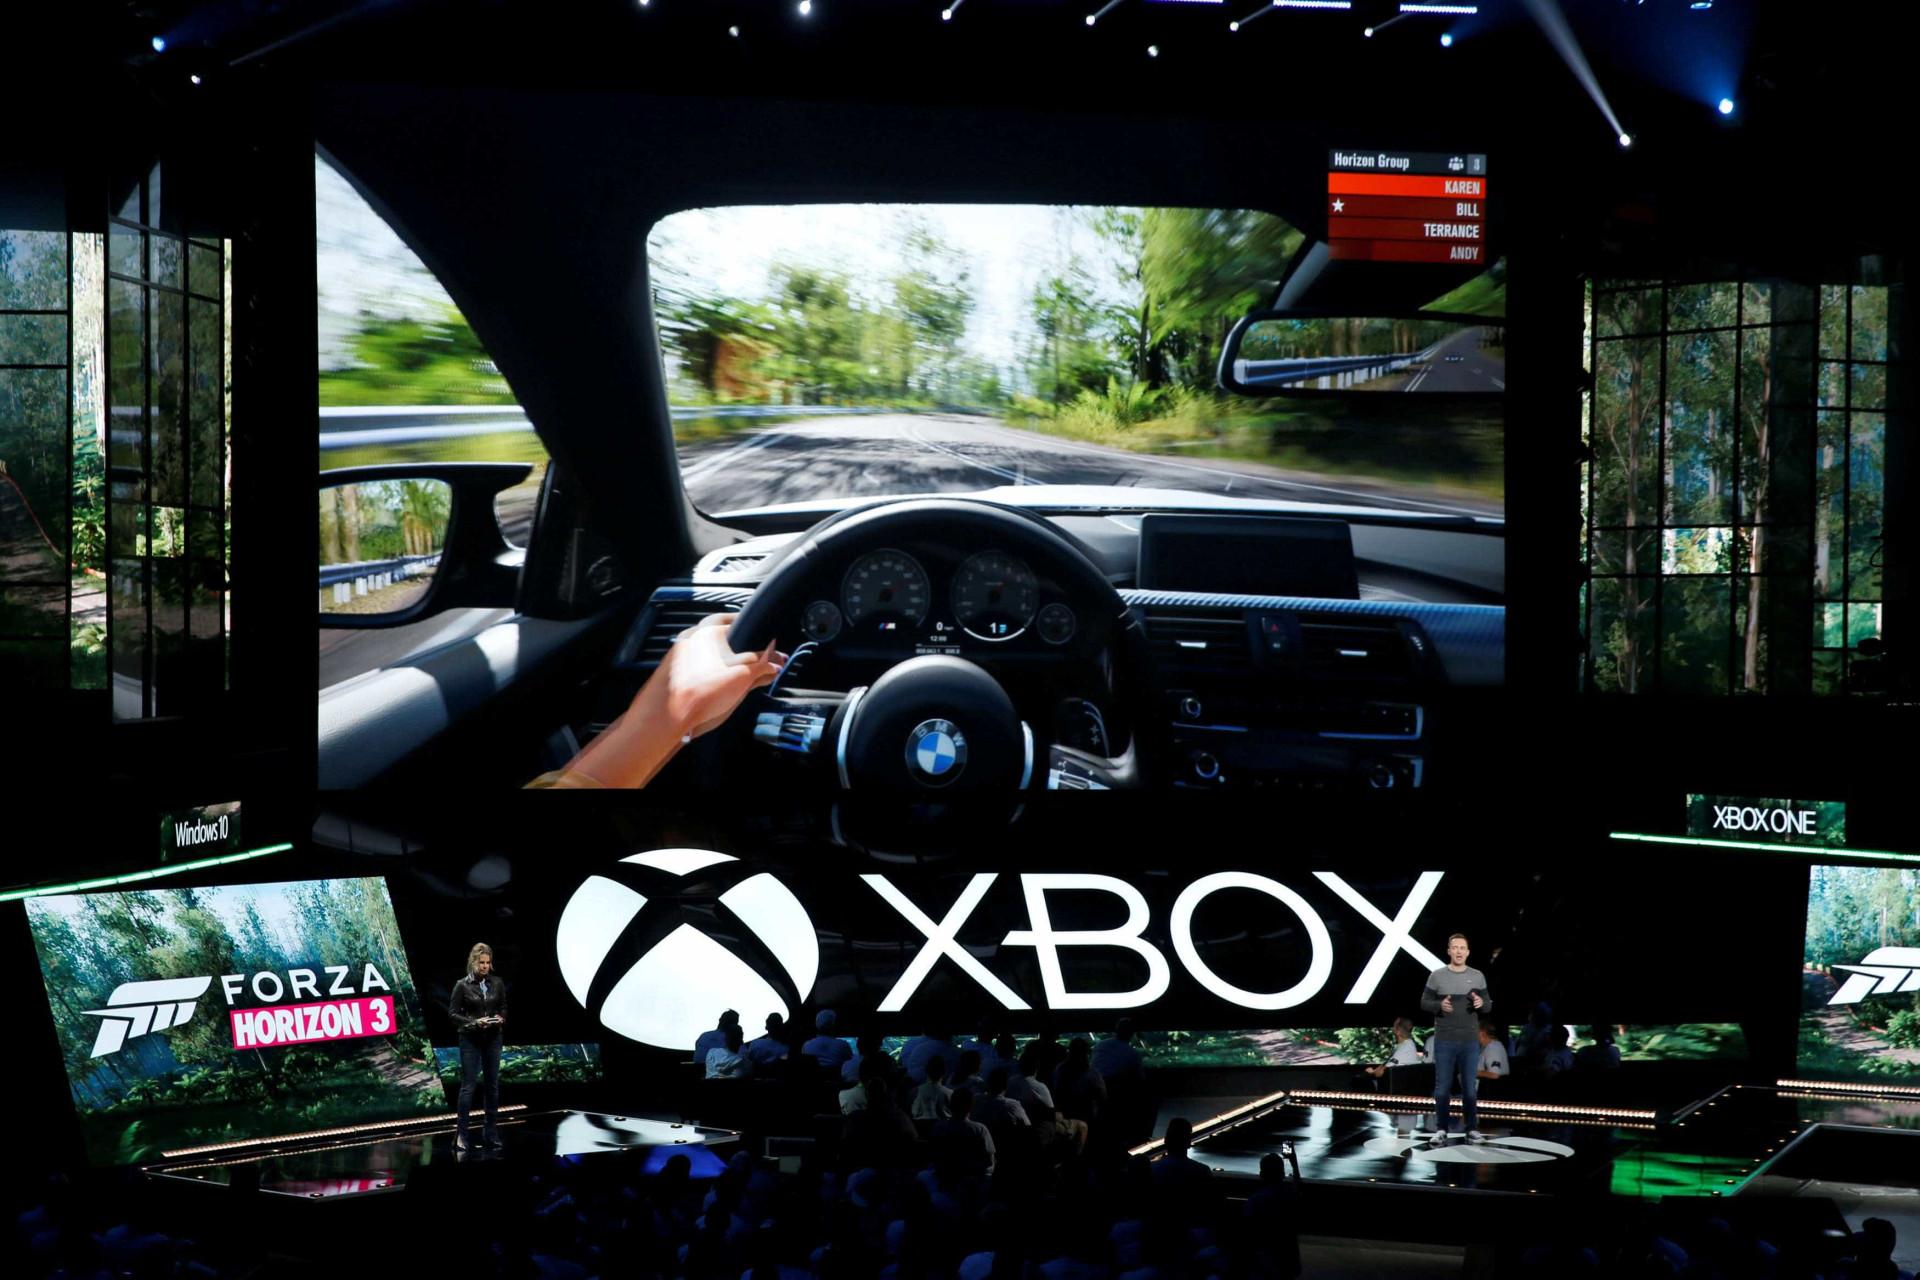 Conheça os jogos mais emblemáticos da Xbox One